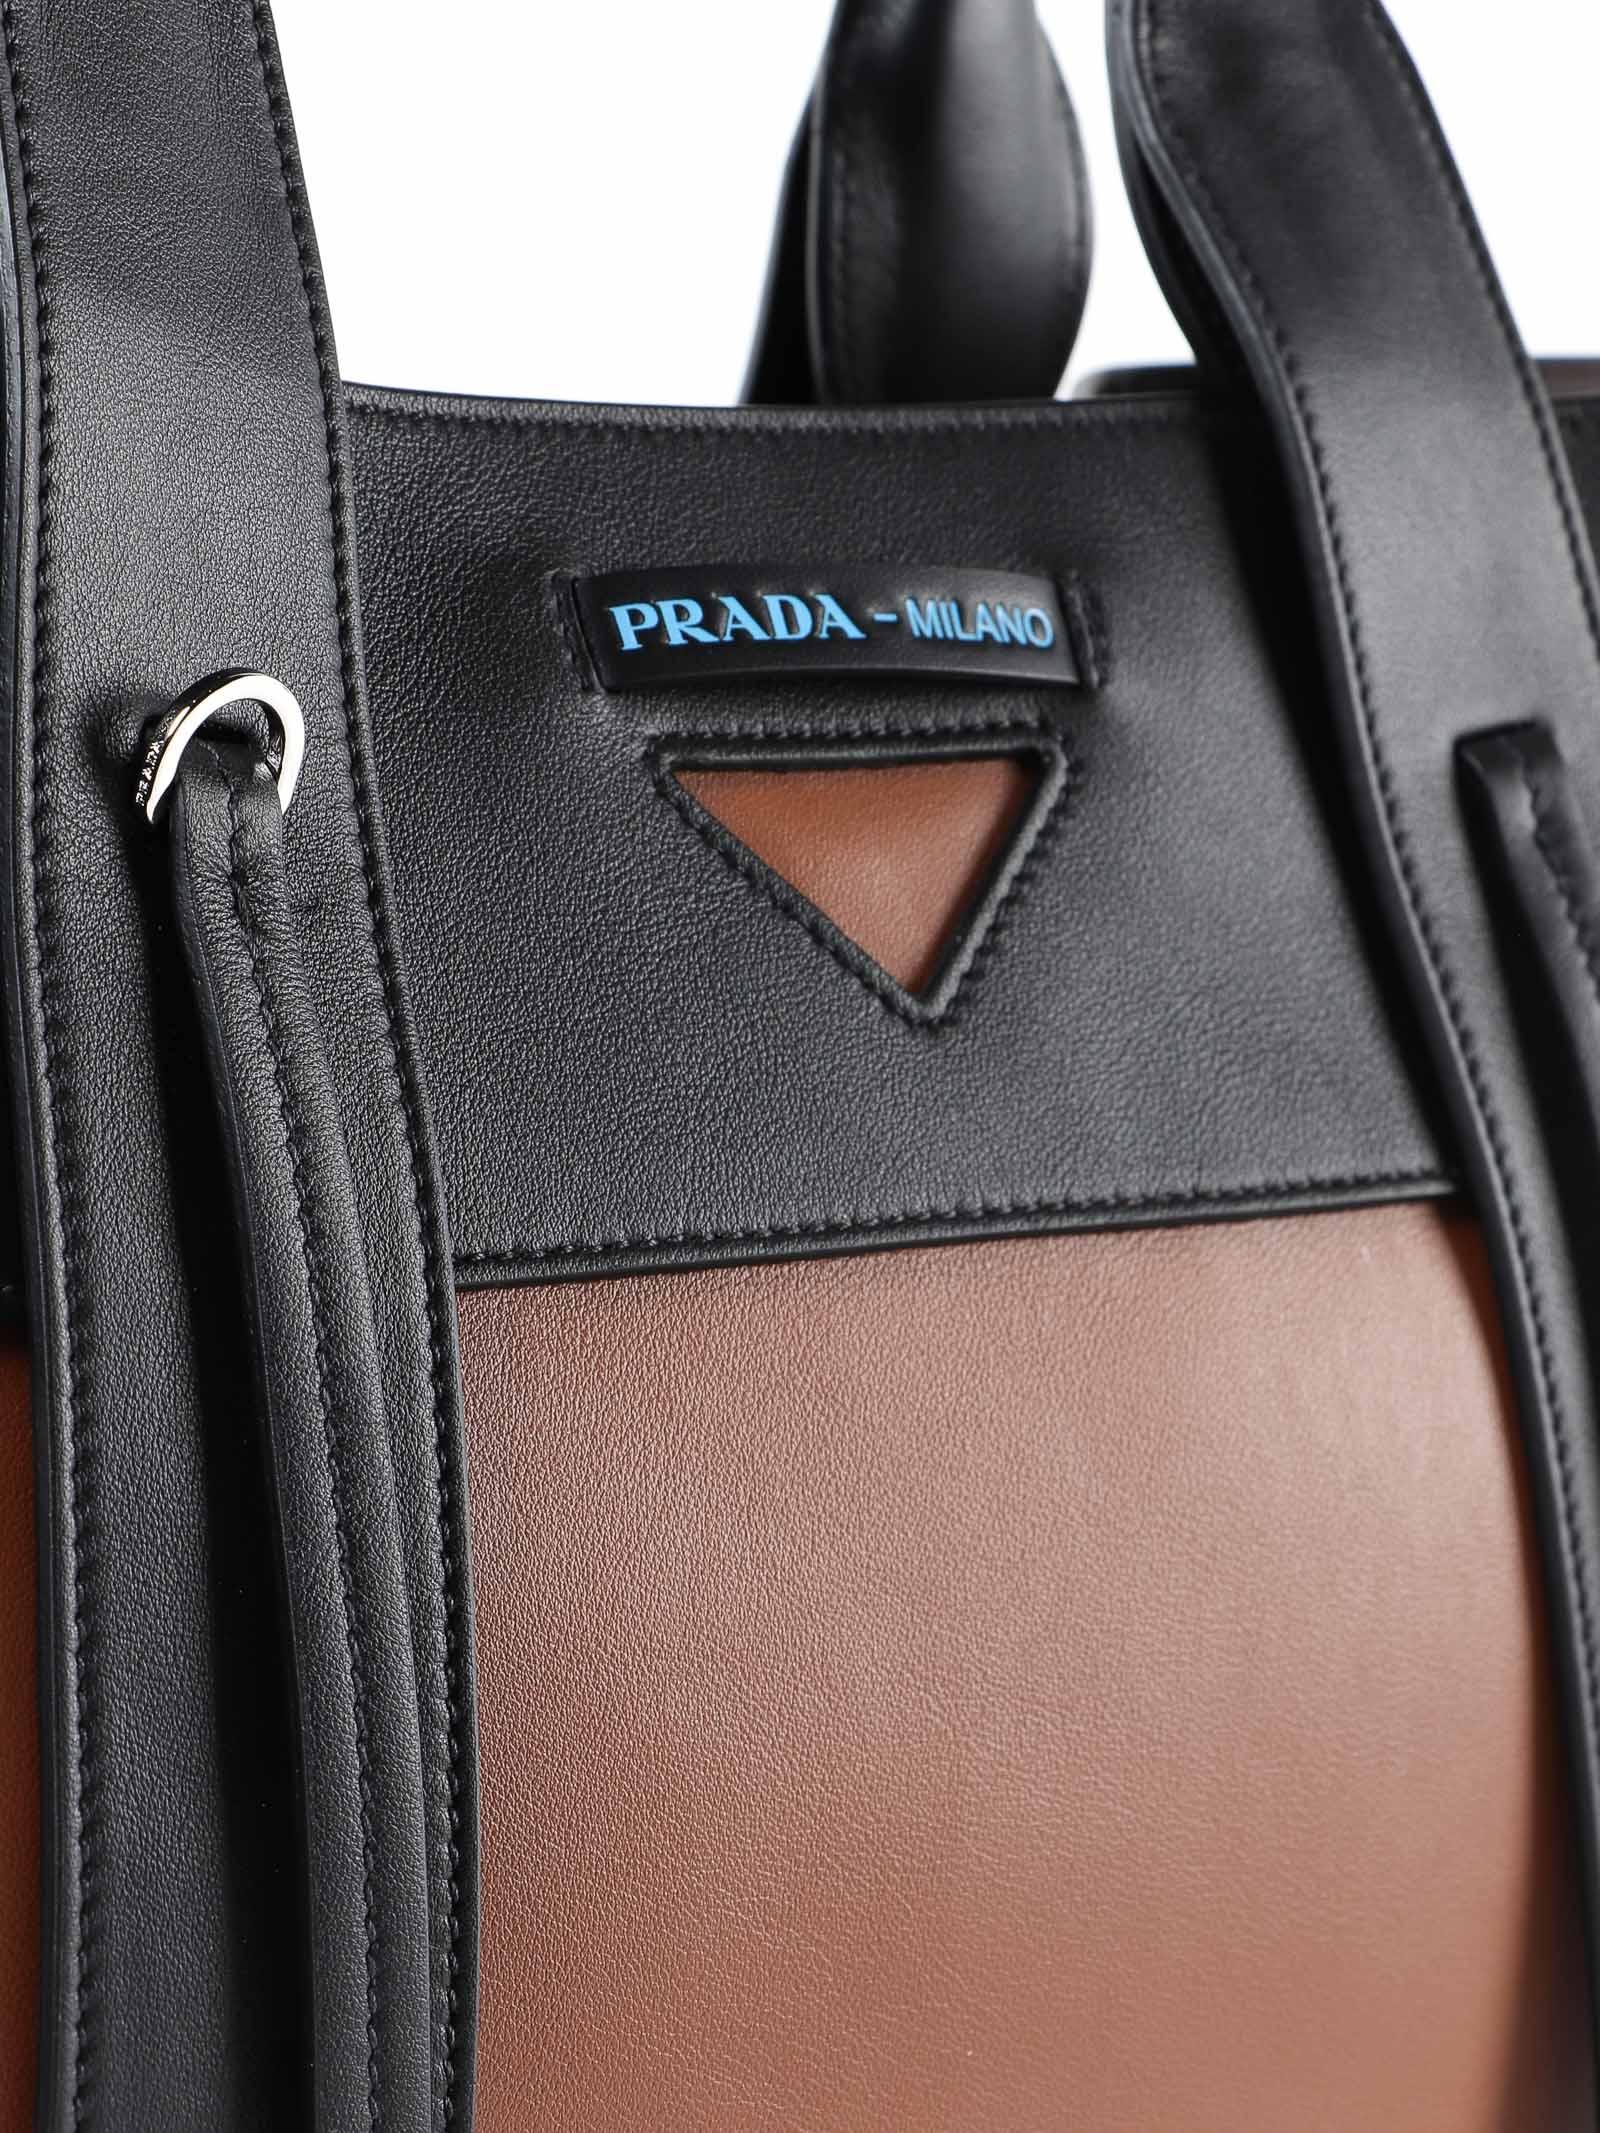 dd3402d60521 Prada Prada Glace Lux Large Tote - P Cognac+nero - 10797788